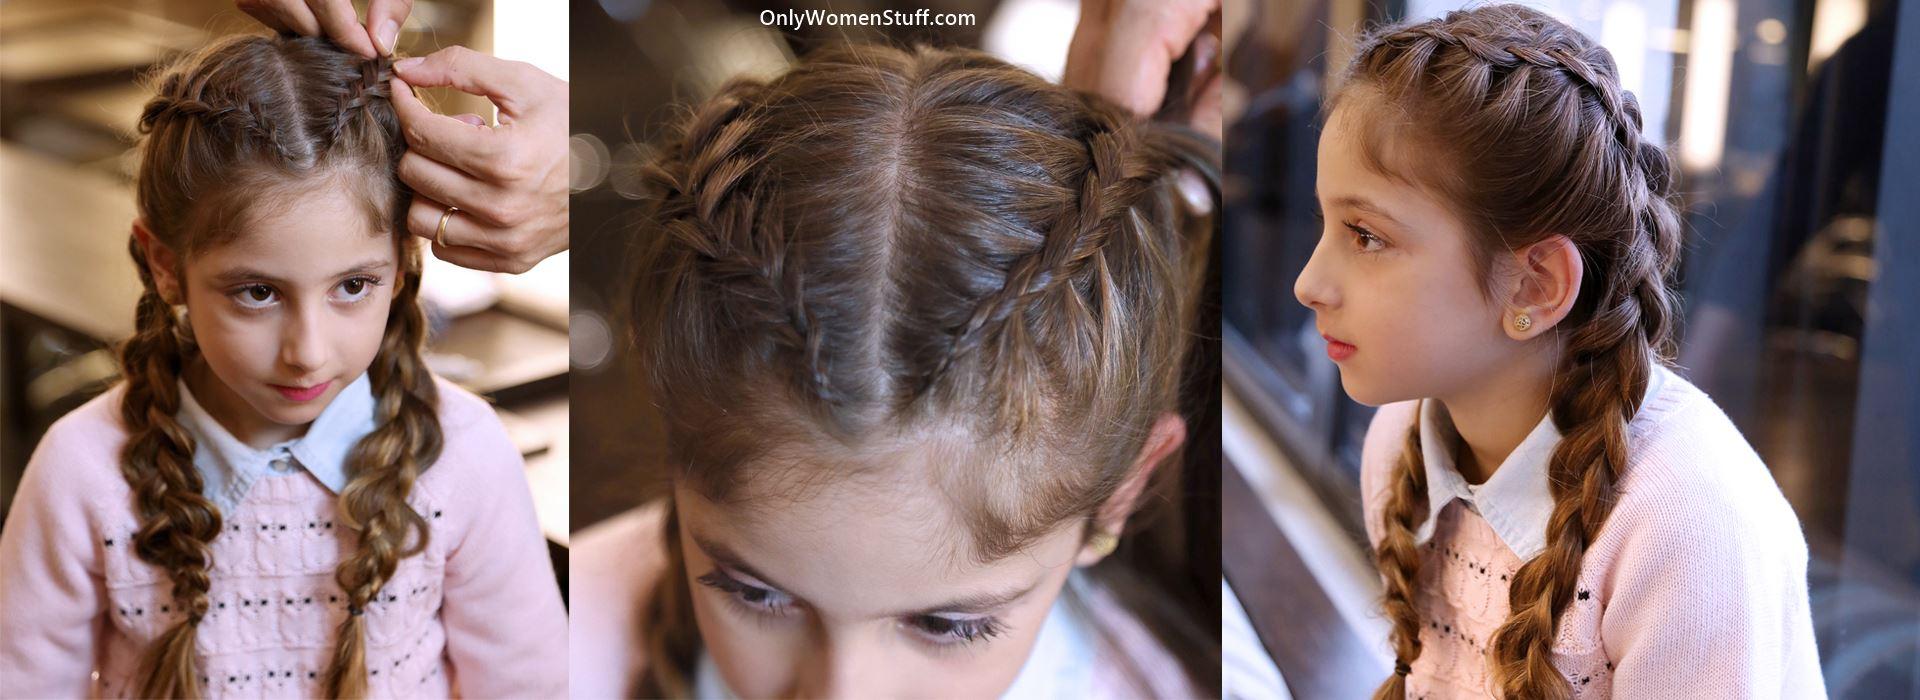 30 EasyKids HairstylesIdeas for Little Girls Very Cute